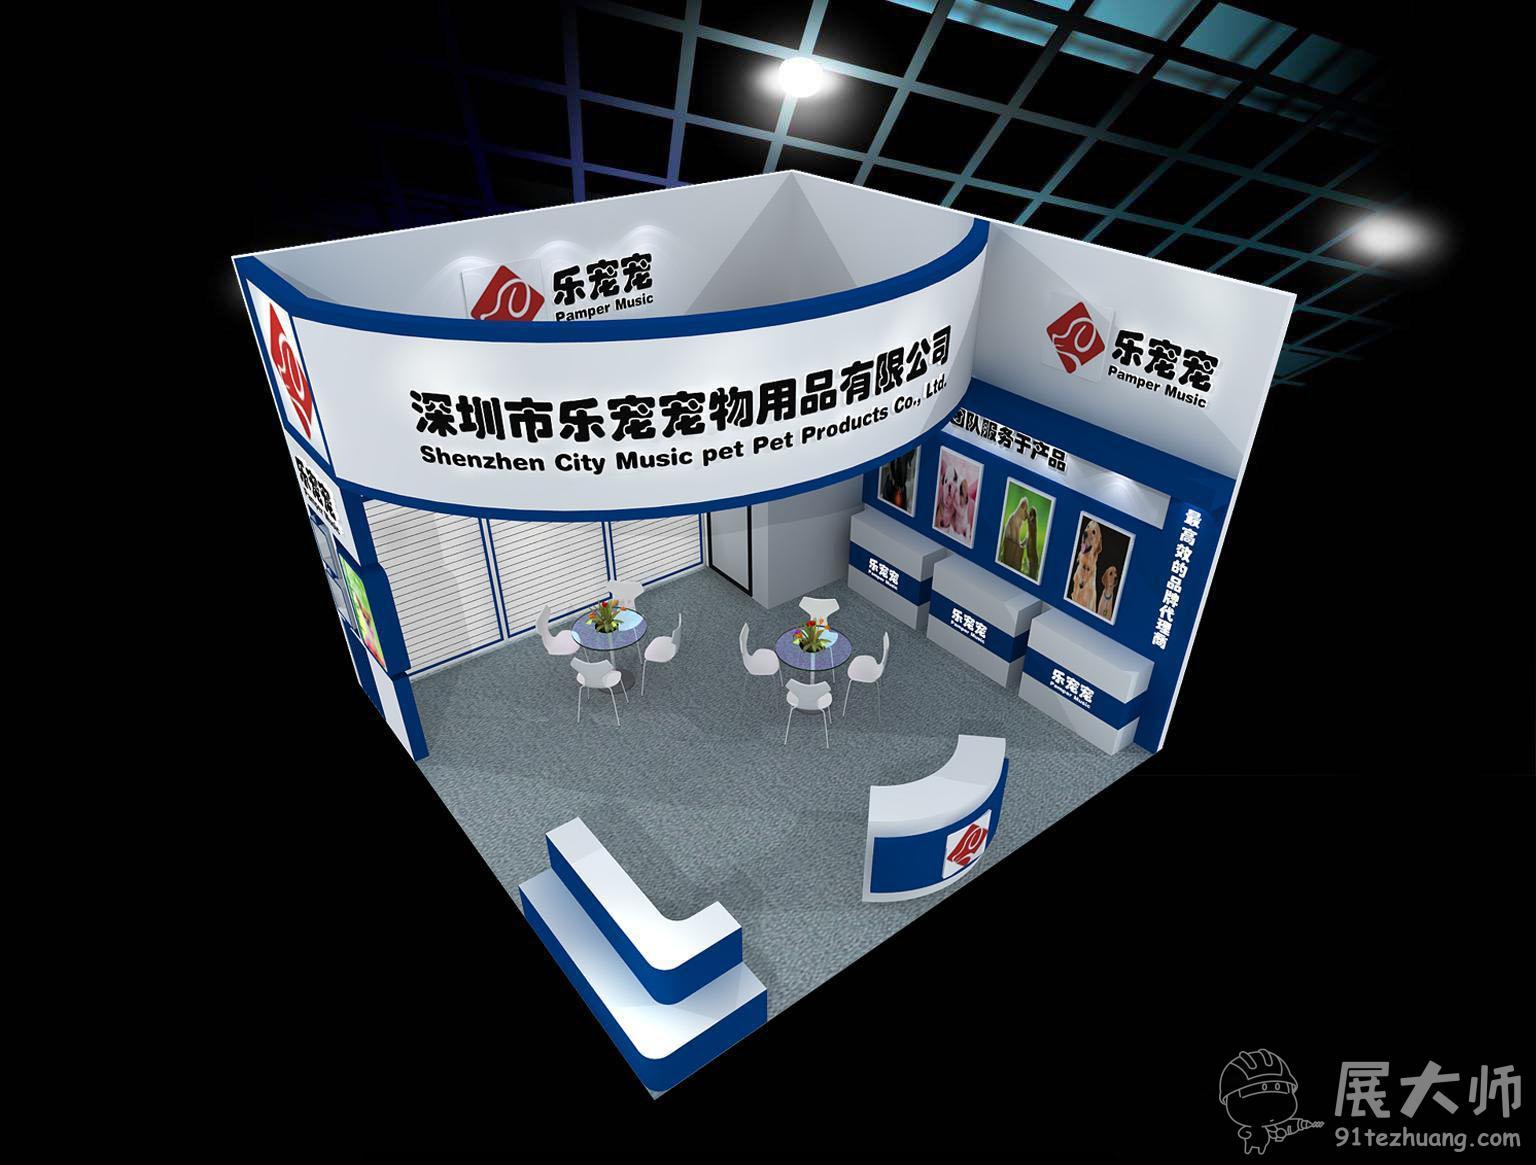 宠物水族展36平米展台设计效果图_36平米展台设计免费